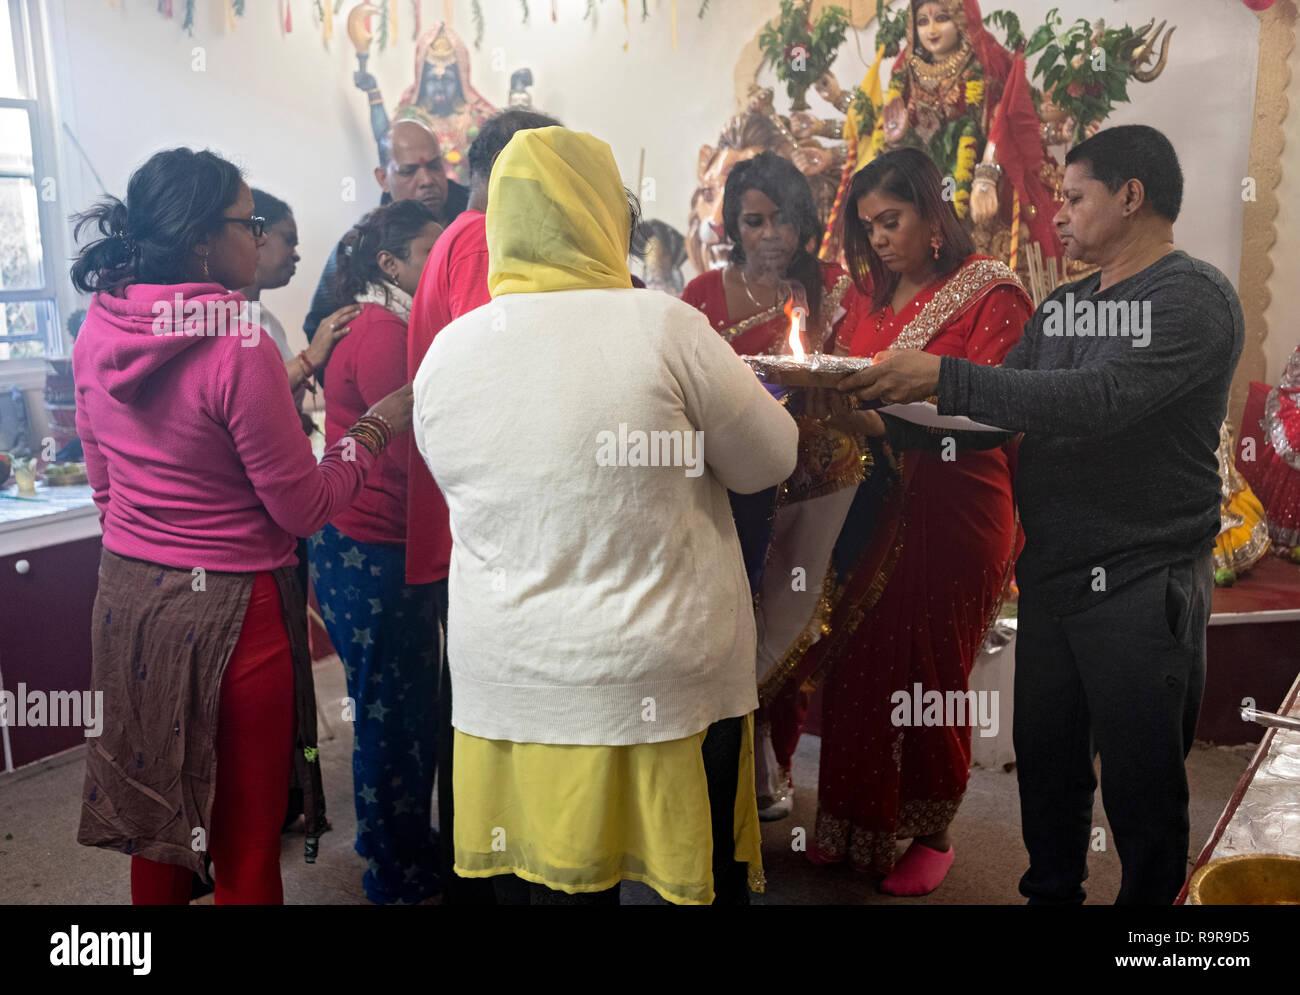 Una congregazione Indù in esegue il rituale di arti di offrire luce e fiamme per la divinità. Nel Queens, a New York City. Immagini Stock